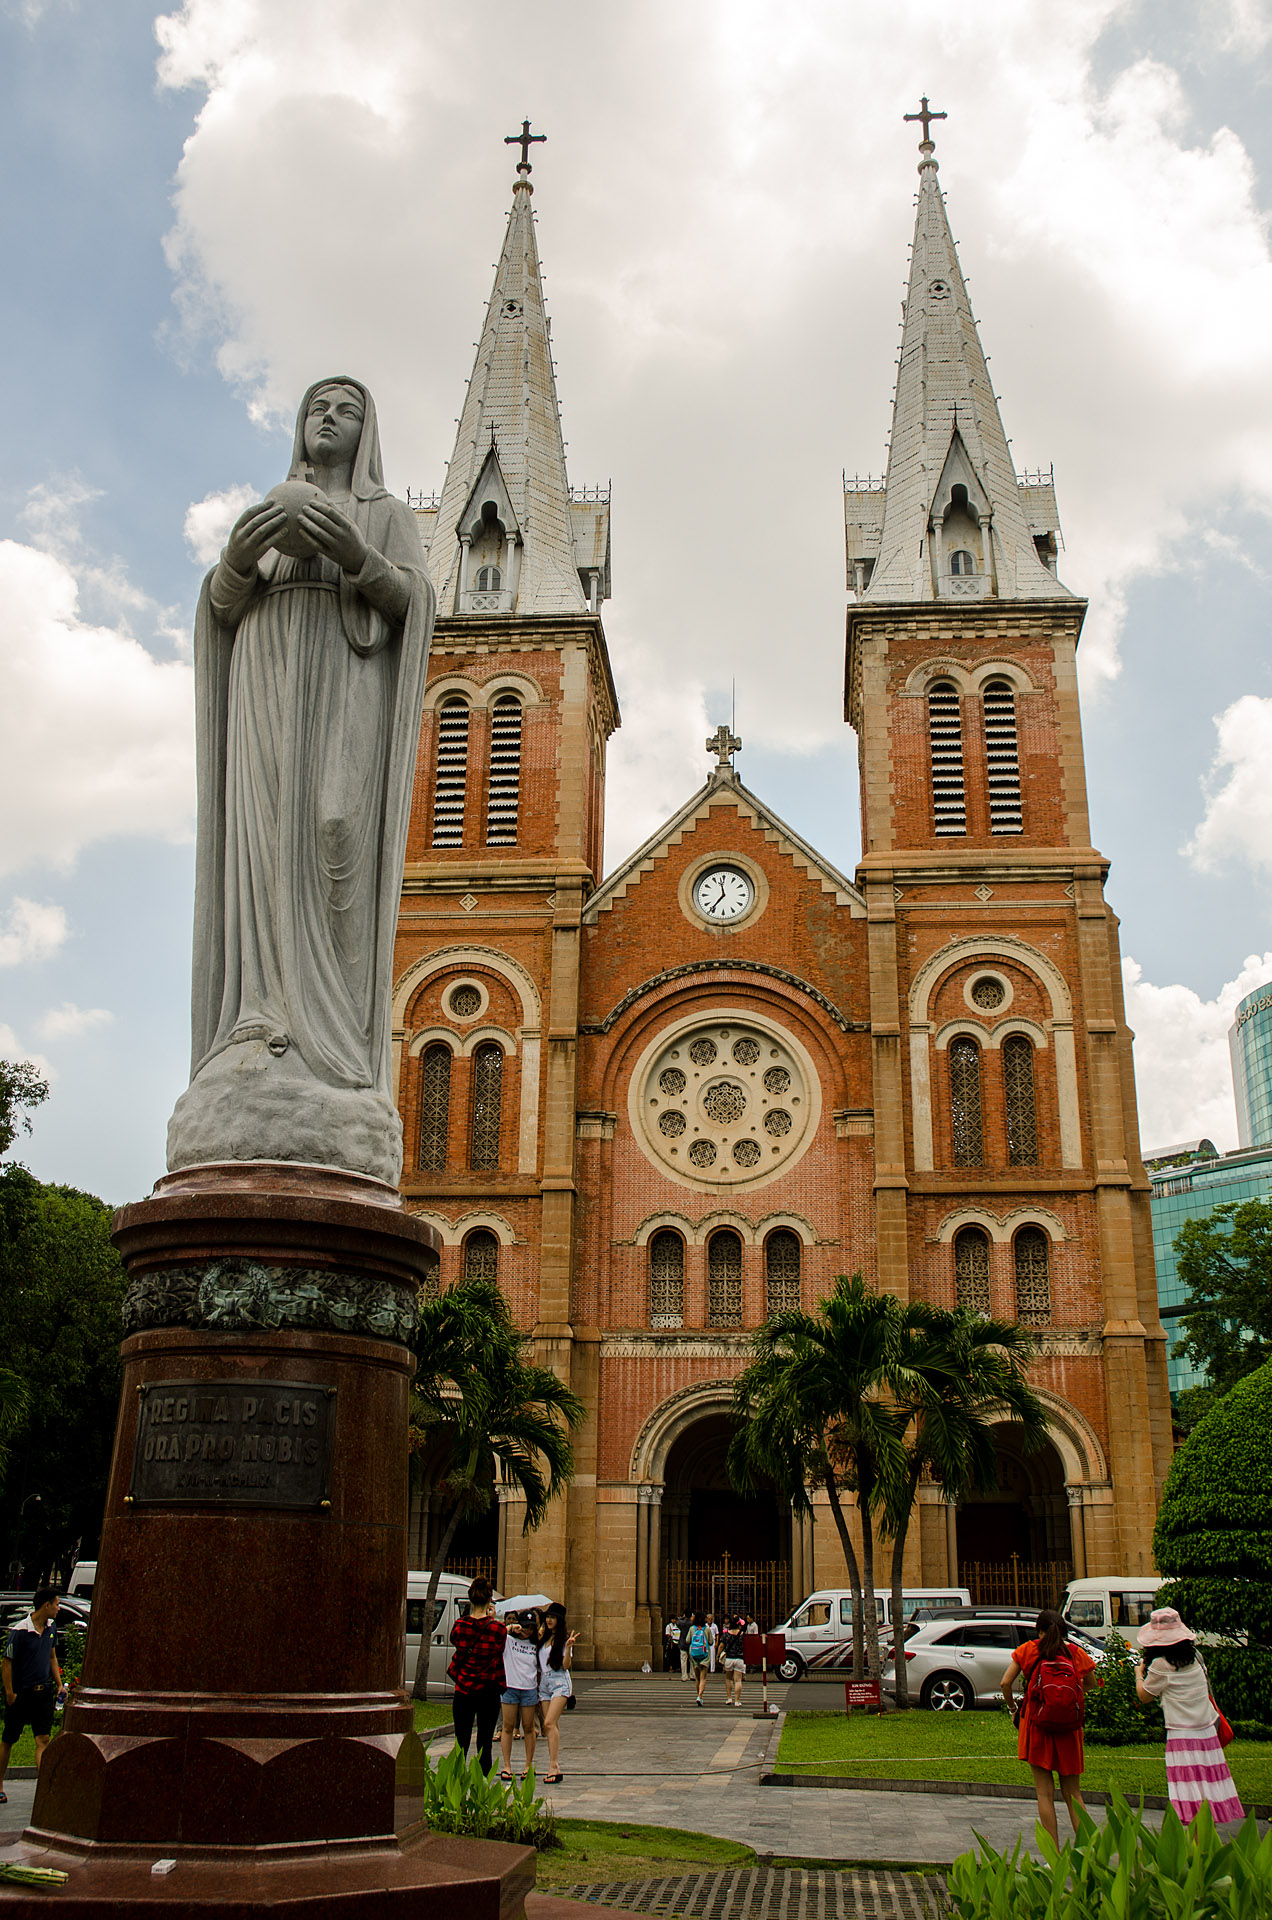 Saigon Notre Dame Basilica